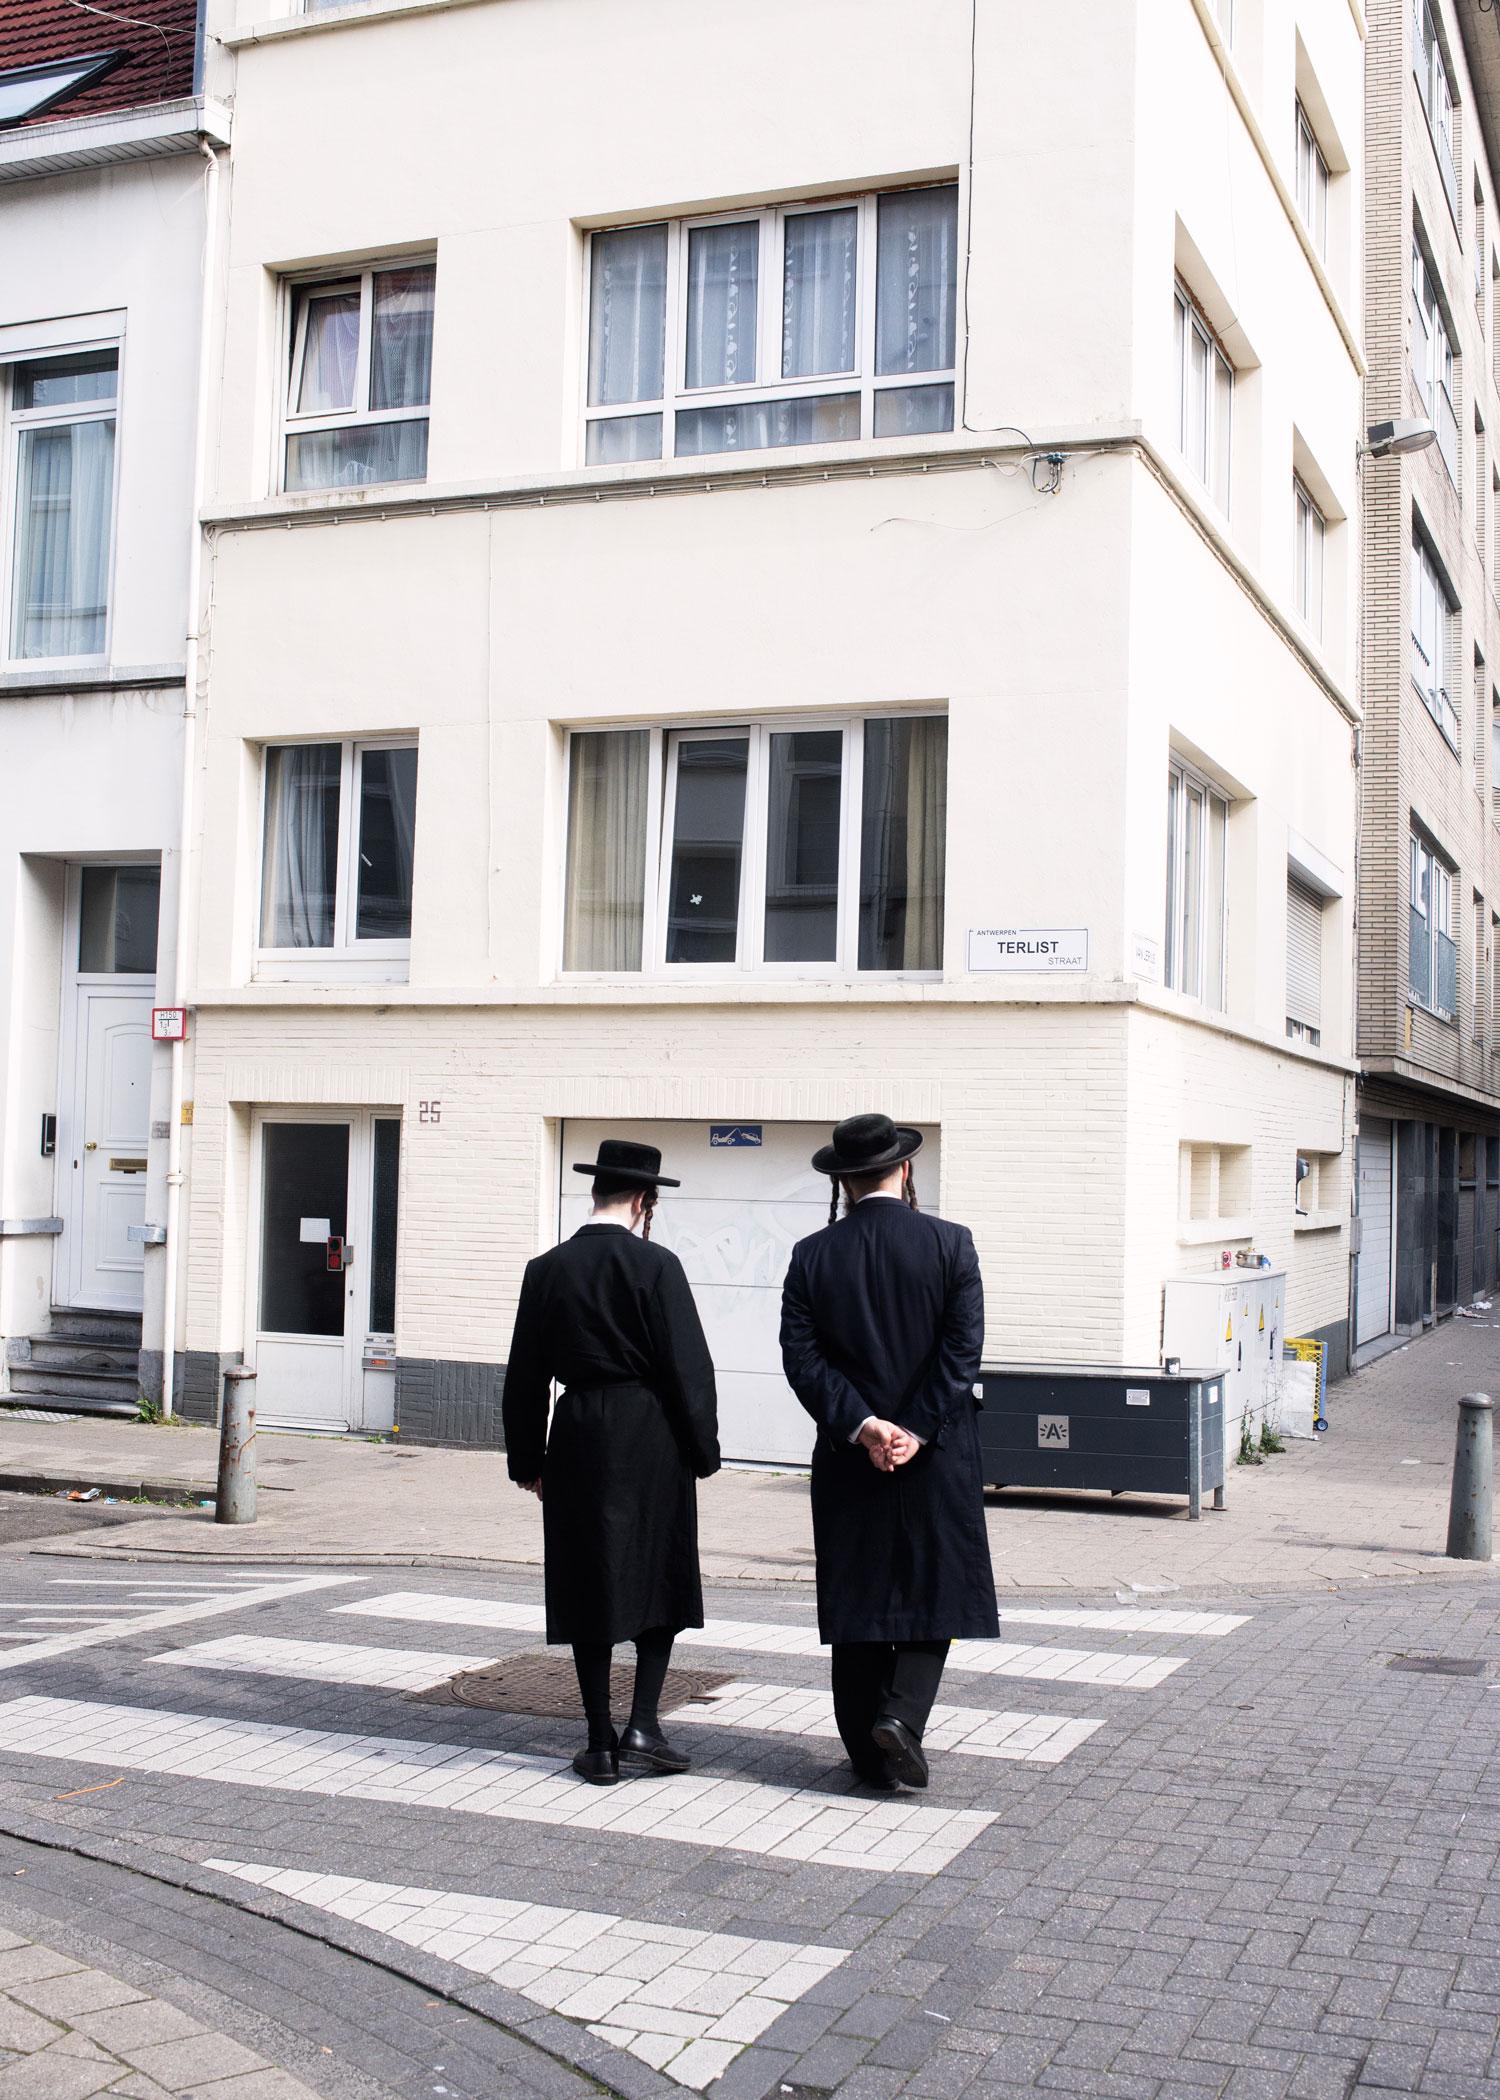 Photos de Nicolas Melemis prises à Anvers, capitale mondiale de la vente de diamants.